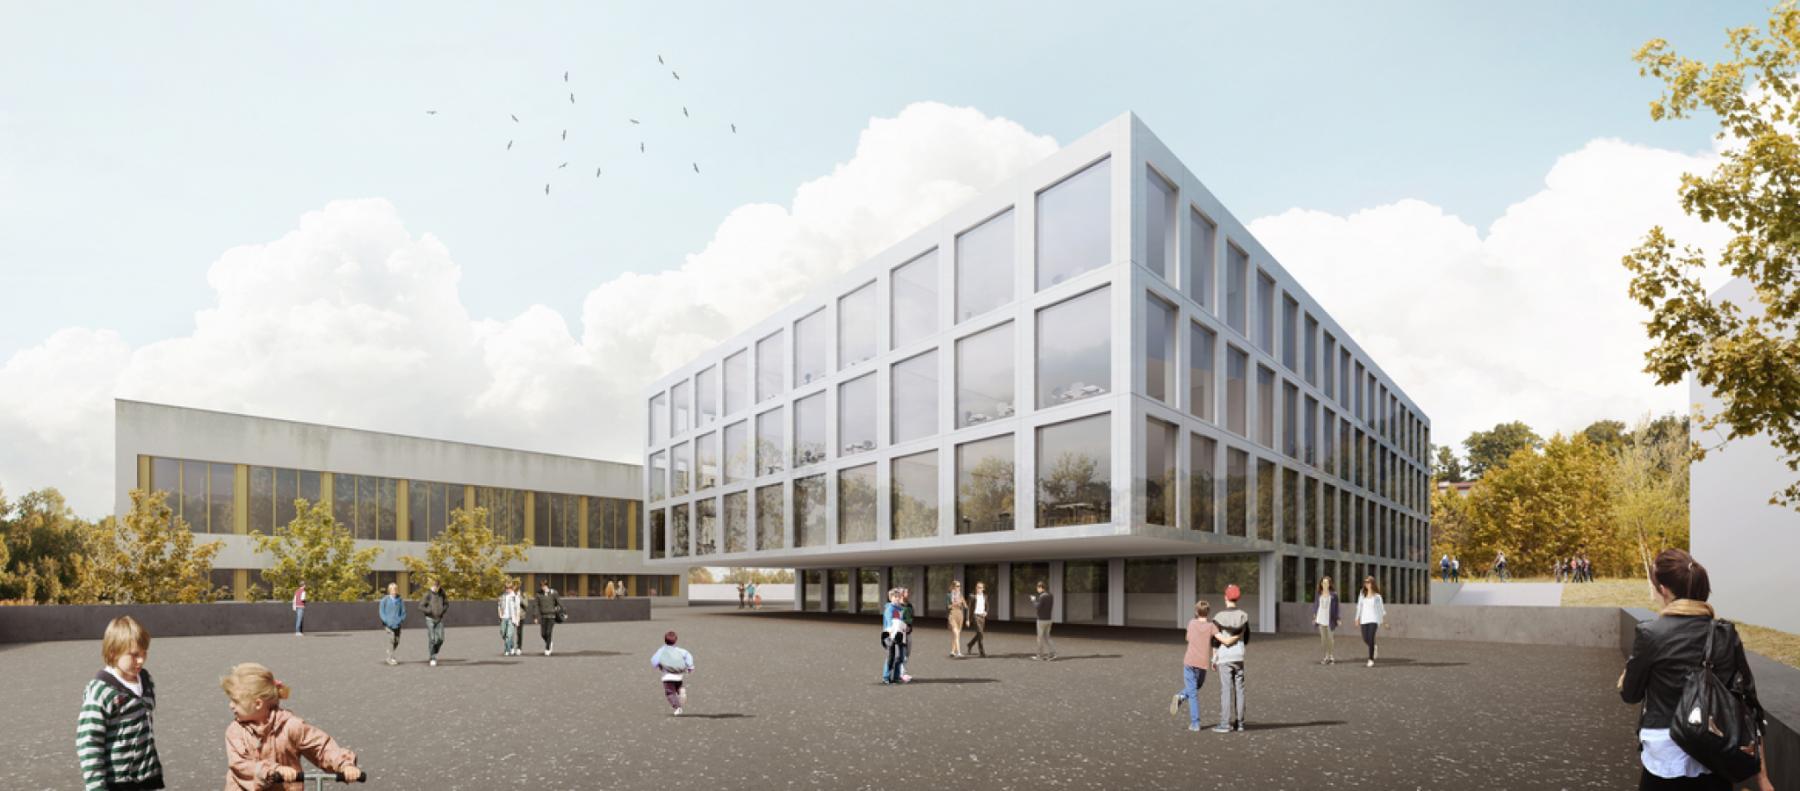 Nouvelle construction scolaire, Collège Croset-Parc, Ecublens, Bonnard Woeffray architectes, WIKIMINI